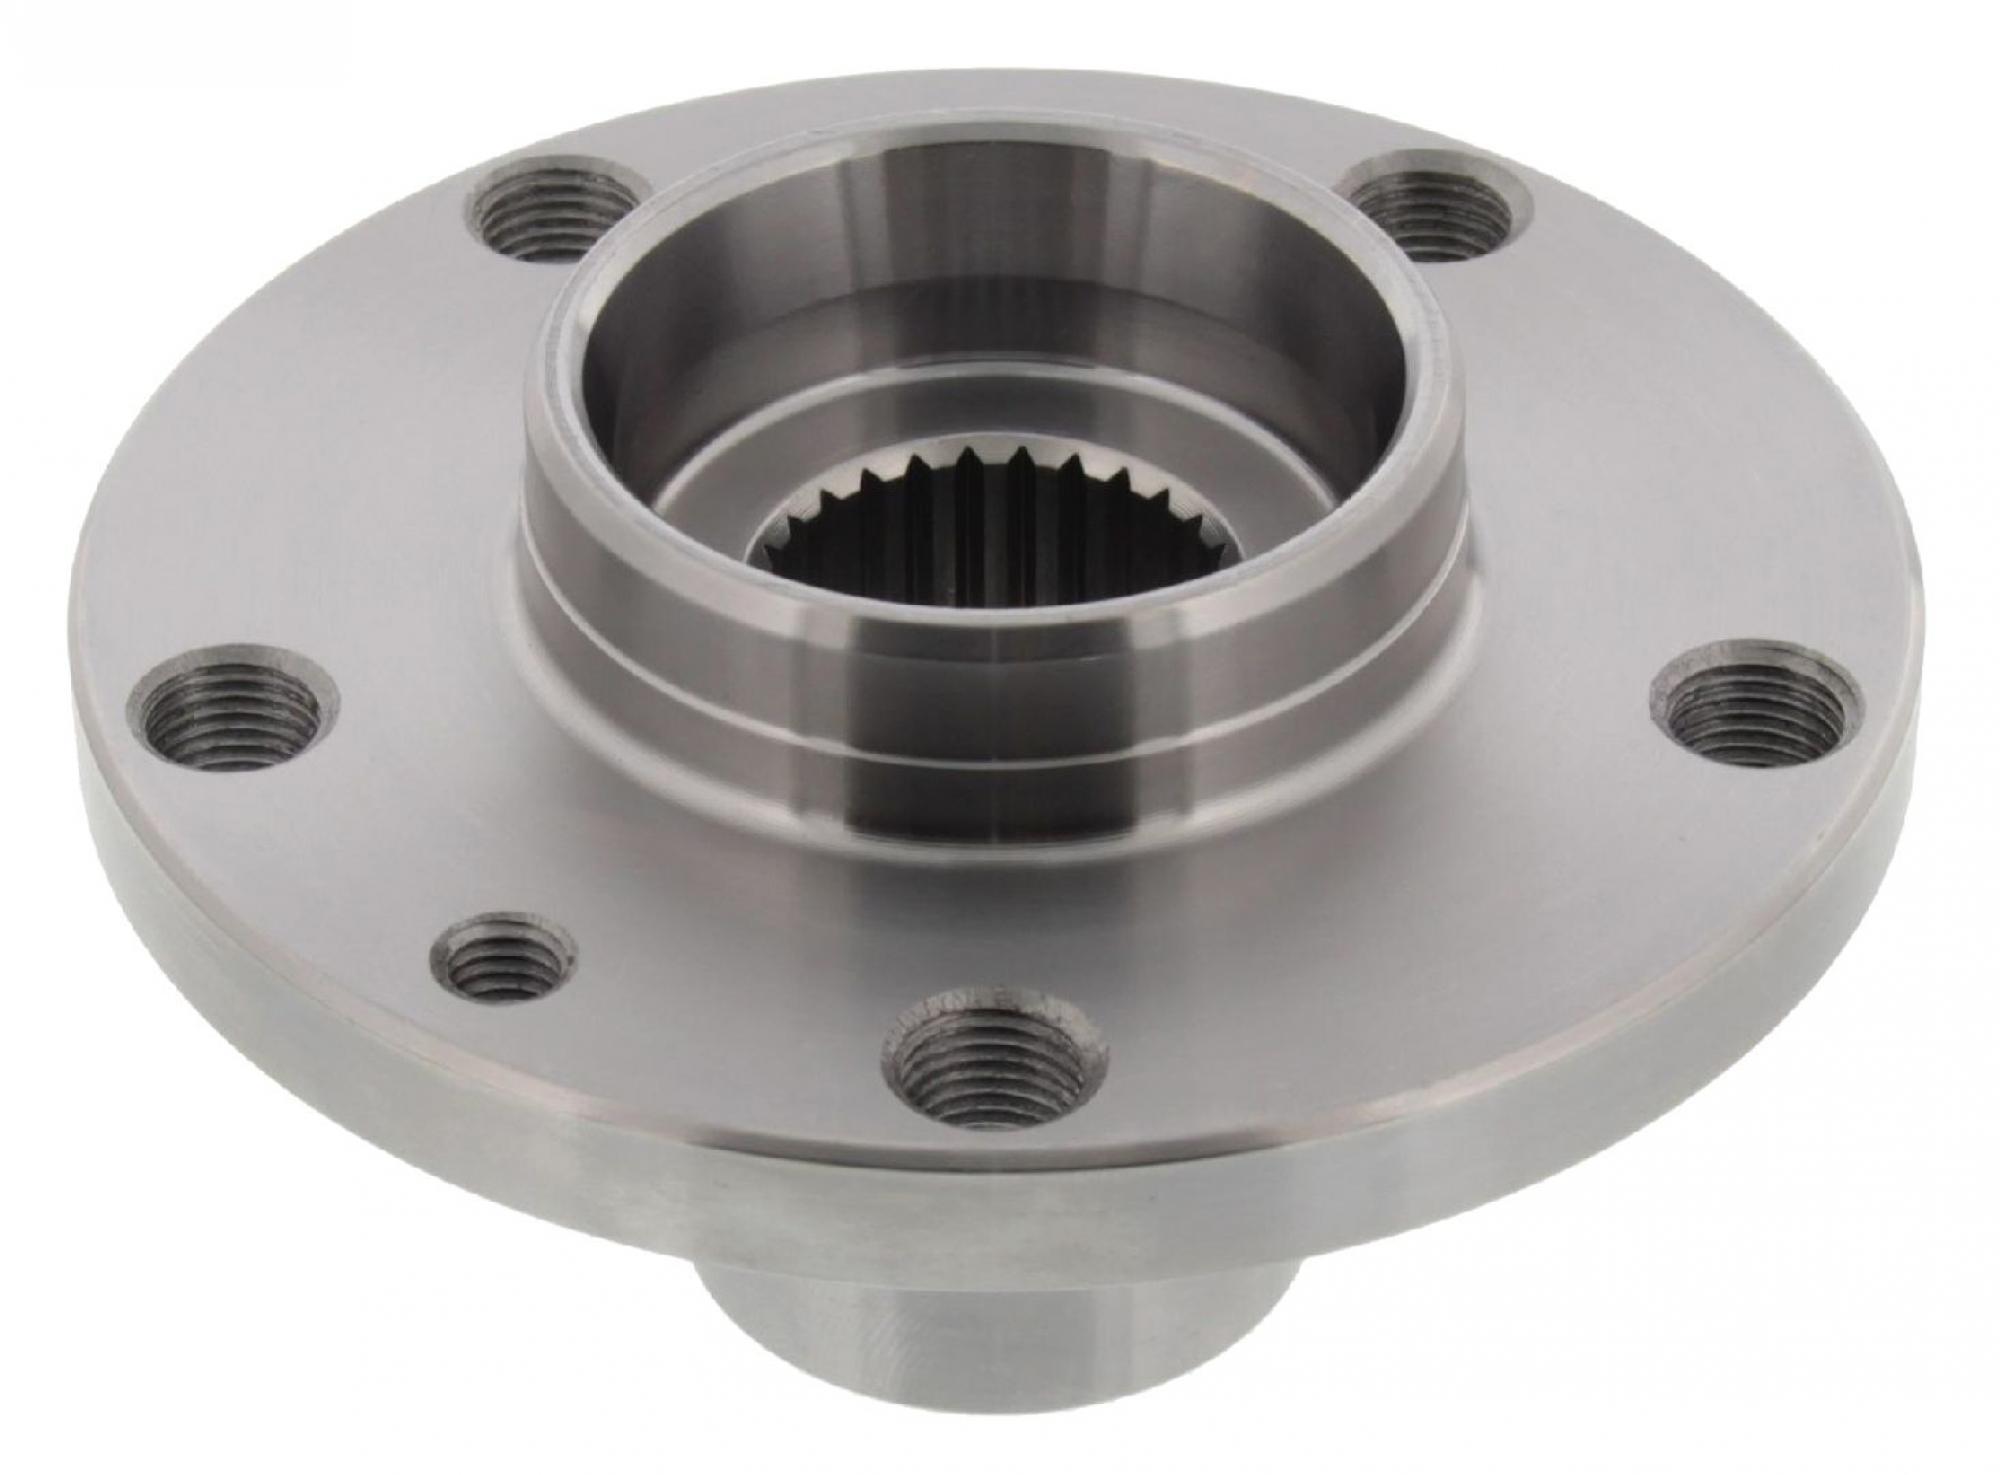 Opel Agila B 1.3D Culasse Boulons 08 To 14 Set Kit BGA 4708526 5607953